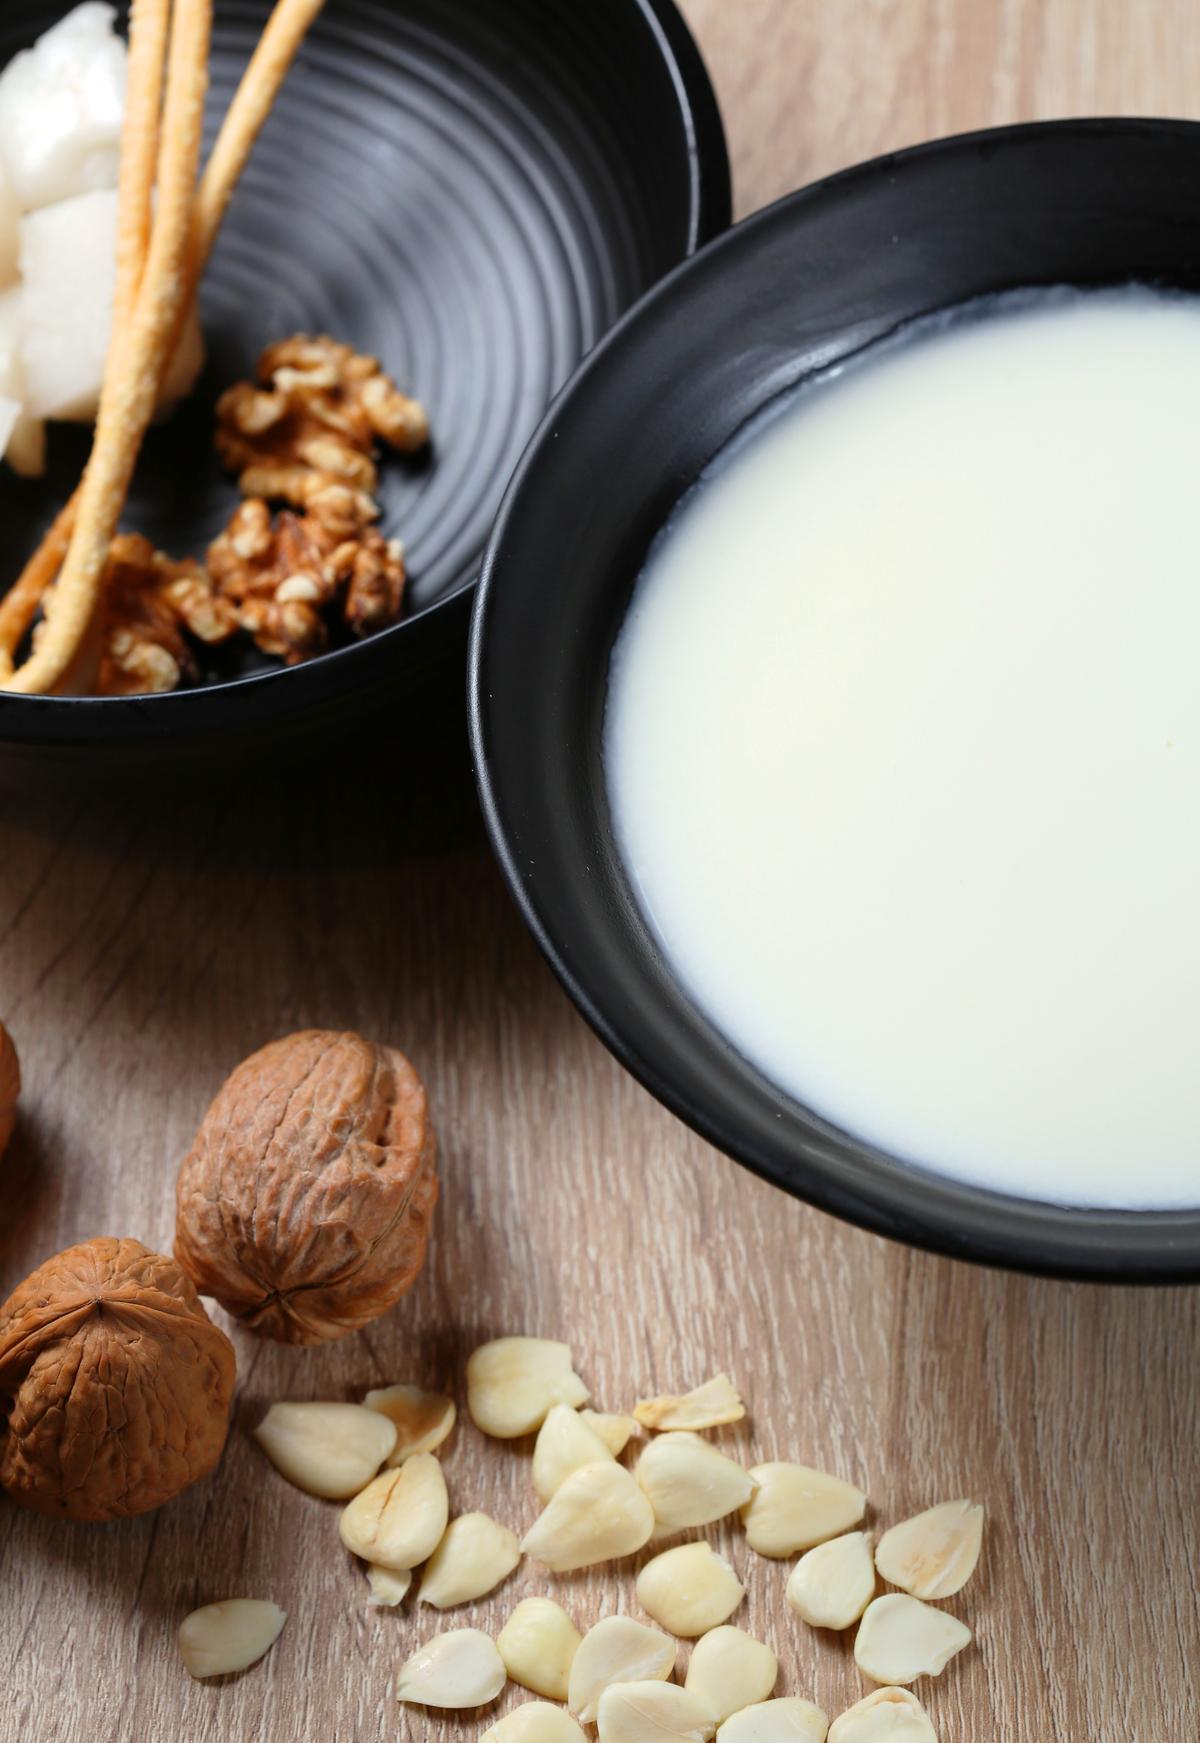 「養生杏仁套膳」的杏仁奶以鮮奶糯米添香增稠,搭配杏仁粿和核桃,是酥Q脆的口感三重奏。(80元/份)